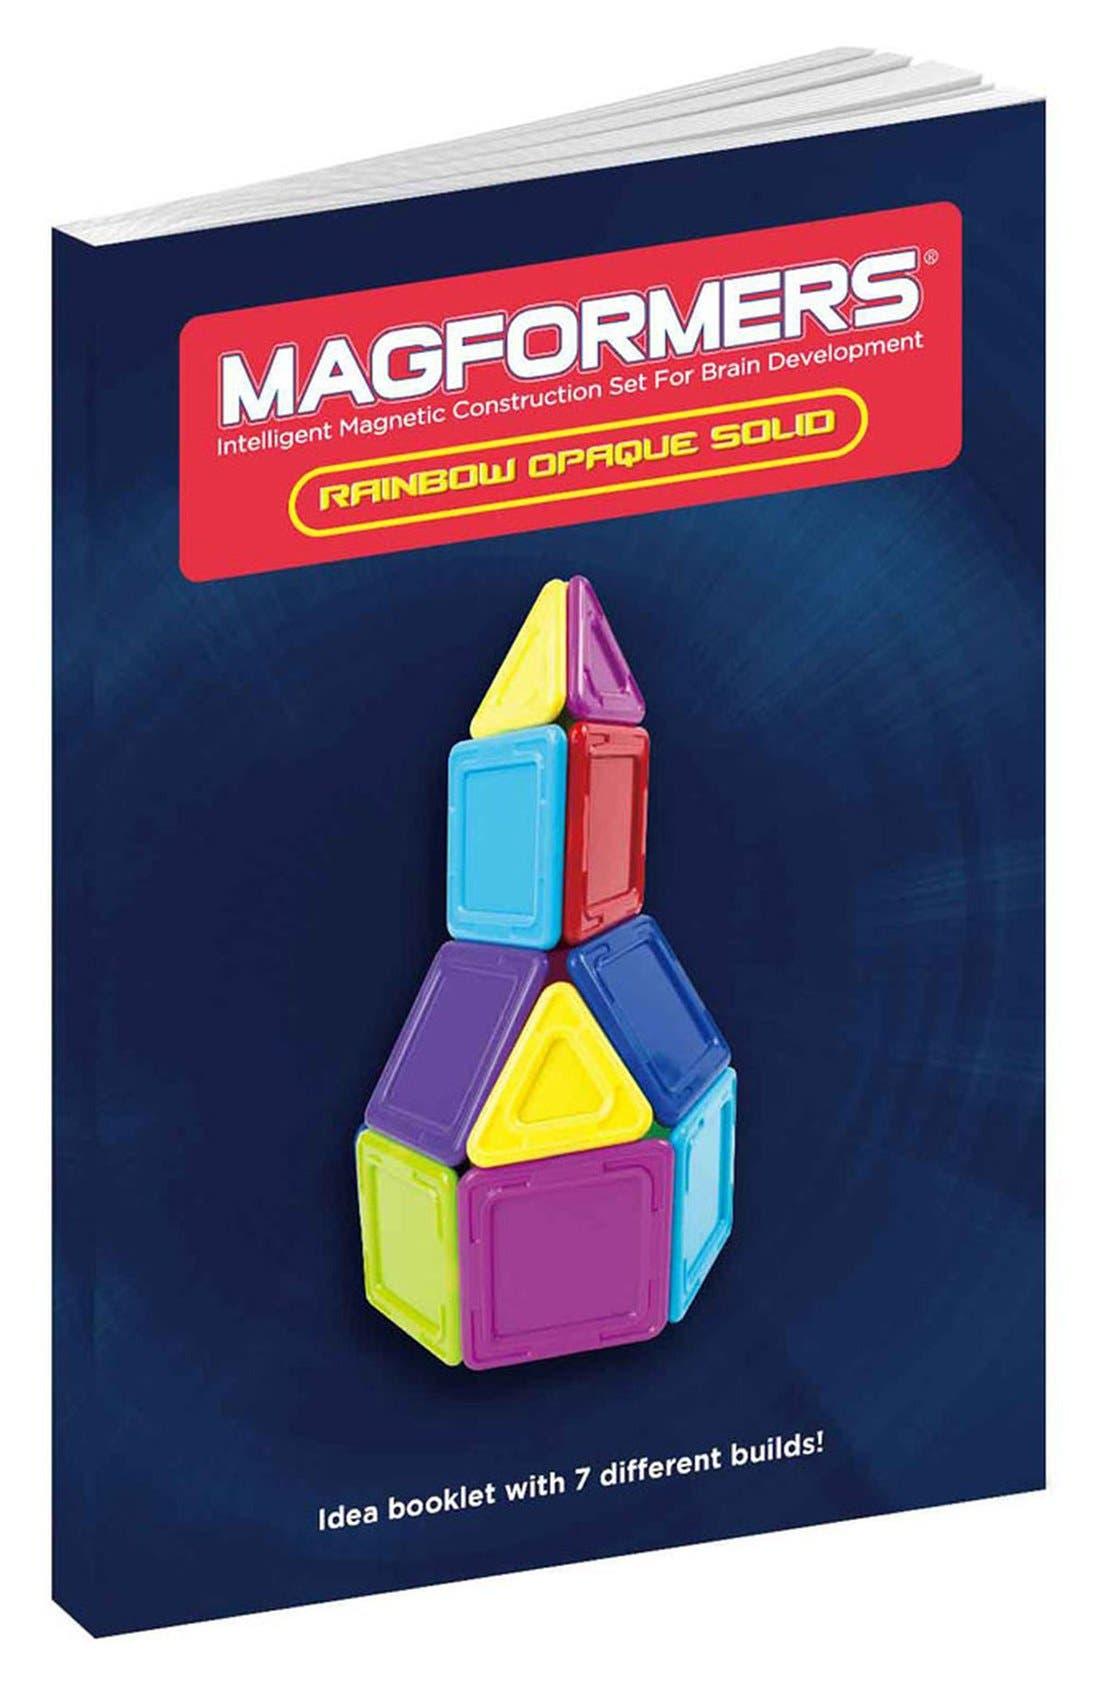 'Standard - Solids' Opaque Magnetic 3D Construction Set,                             Alternate thumbnail 4, color,                             460